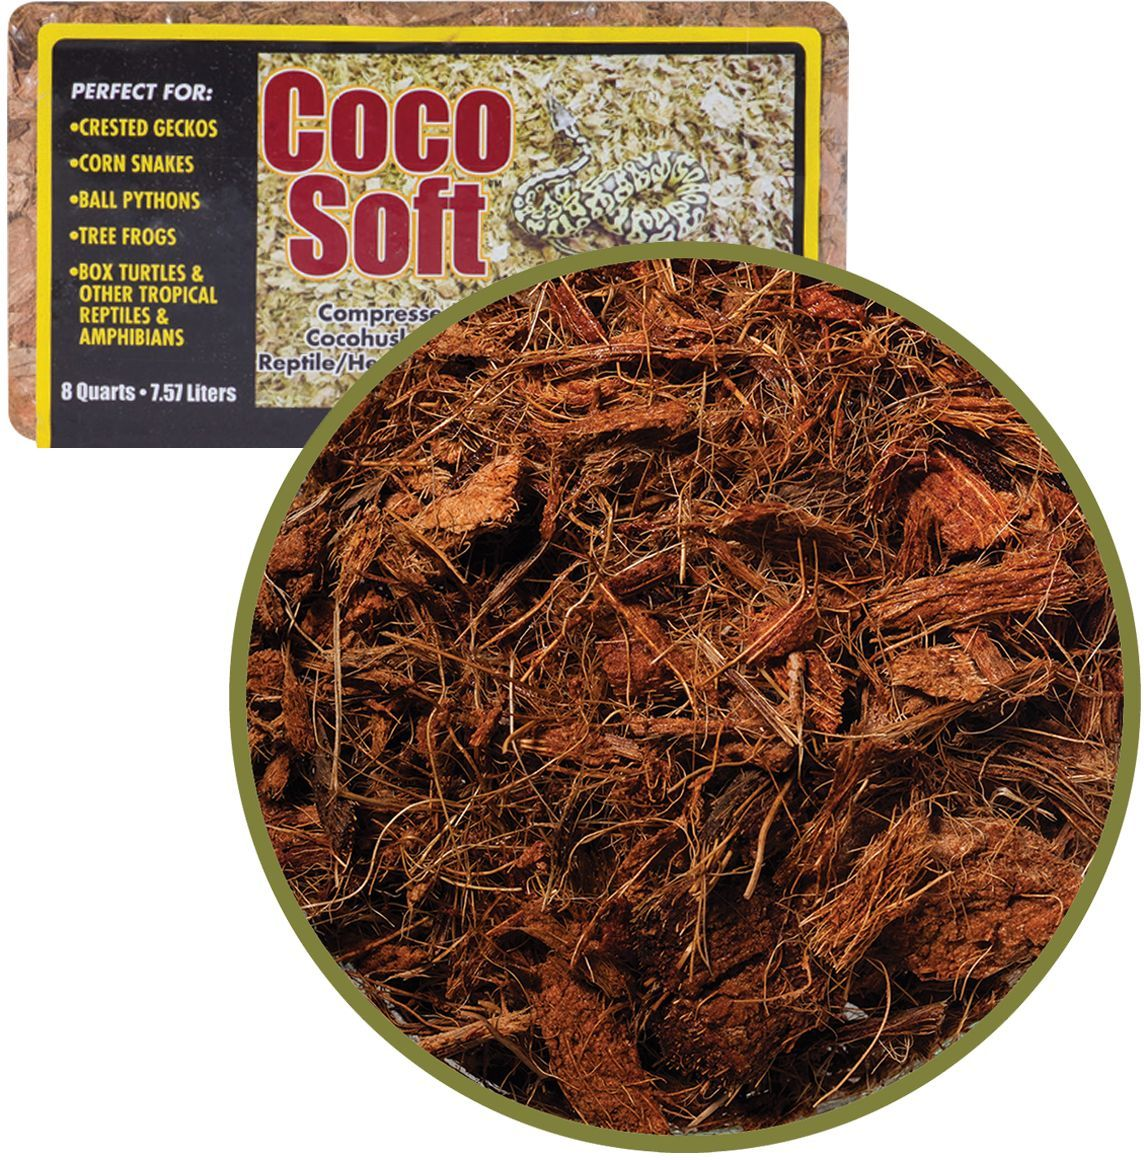 Субстрат для террариумов Caribsea Coco Soft, кокосовая стружка, 7,57 л00618Субстрат для террариумов Caribsea Coco Soft обладает природным саморегулированием влажности. Скорлупа кокосового ореха является эффективным компонентом подстилки в террариумах. Используется для рептилий, паукообразных насекомых и земноводных.